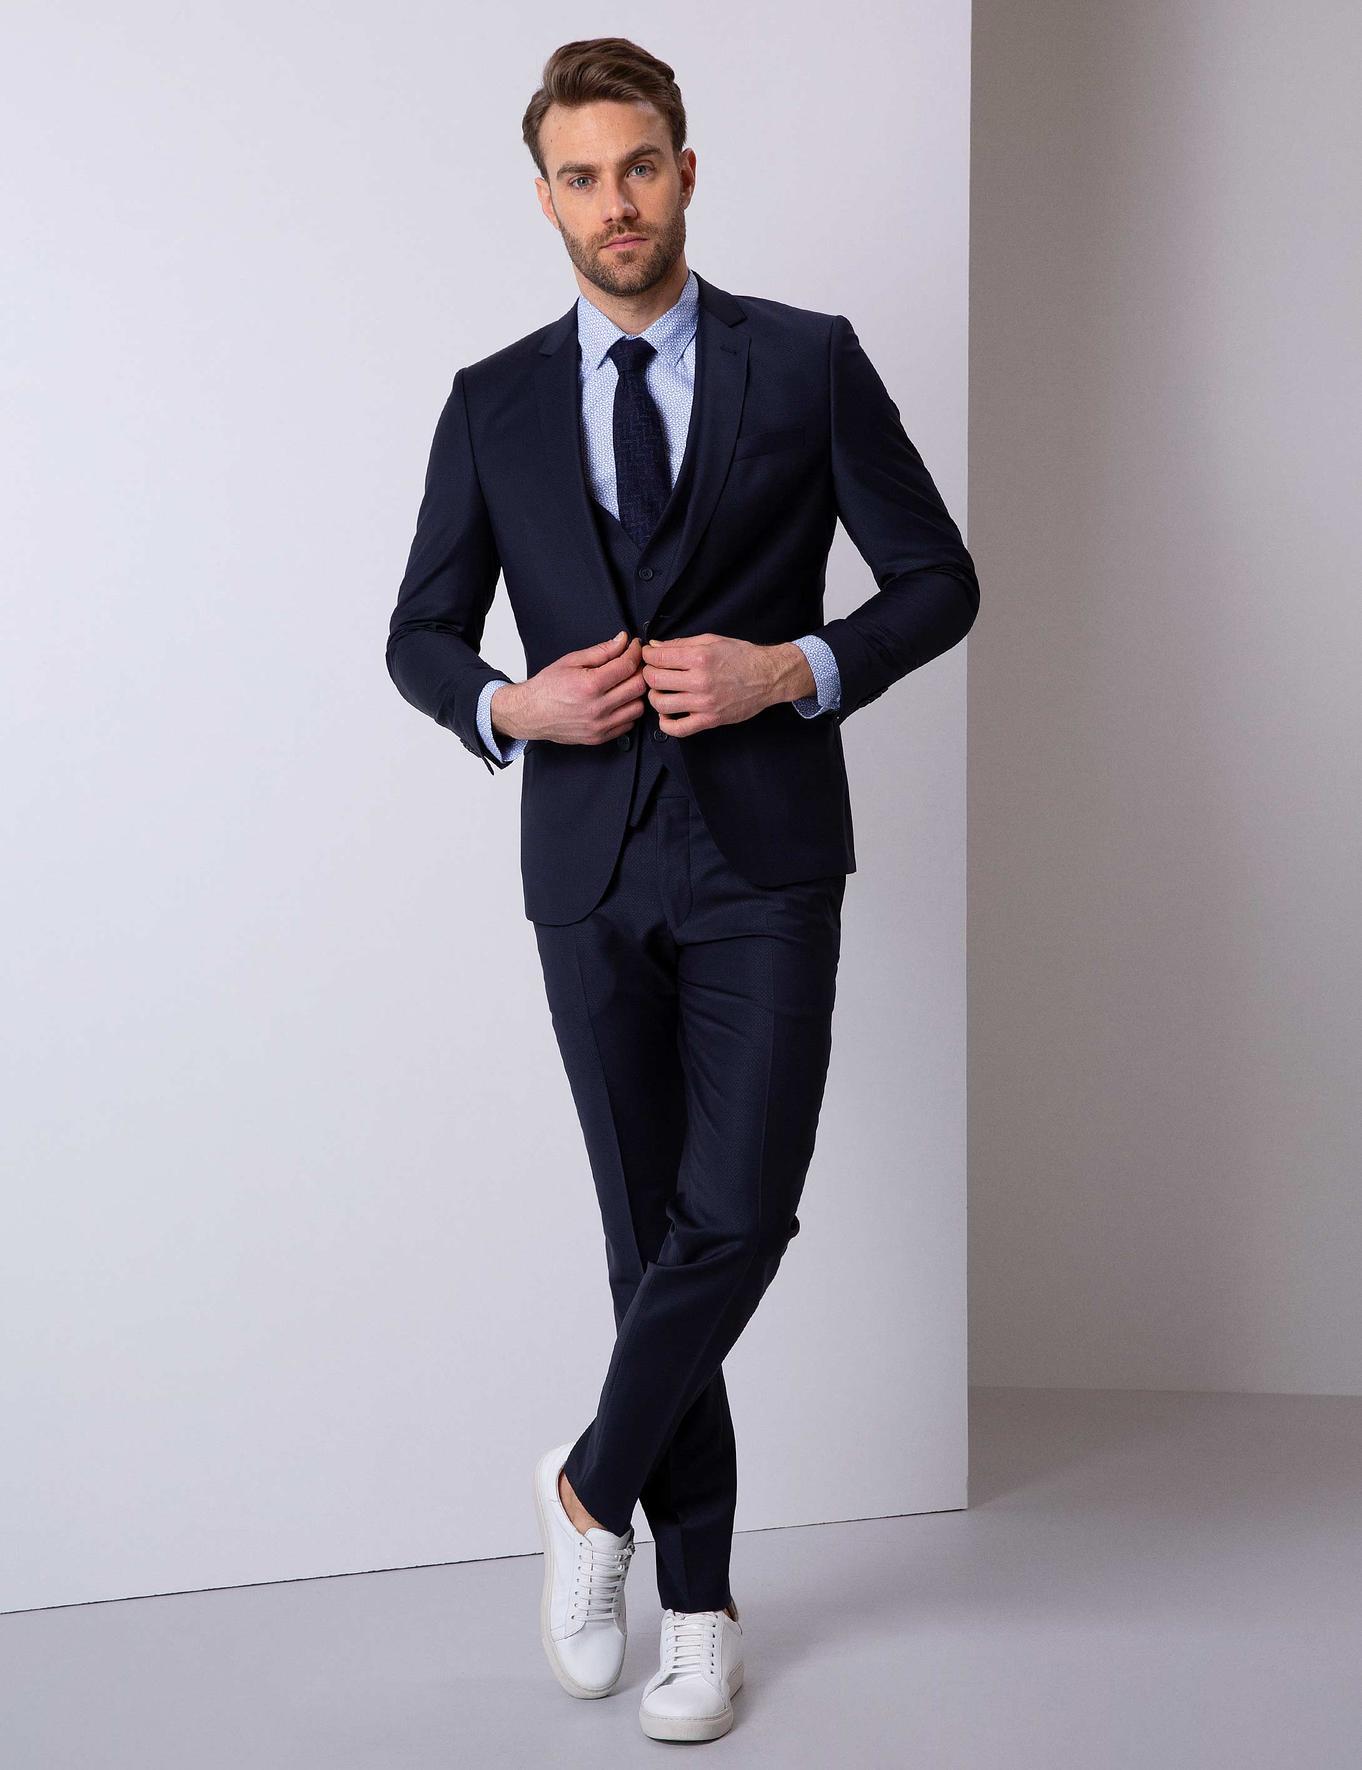 Lacivert Ekstra Slim Fit Yelekli Takım Elbise